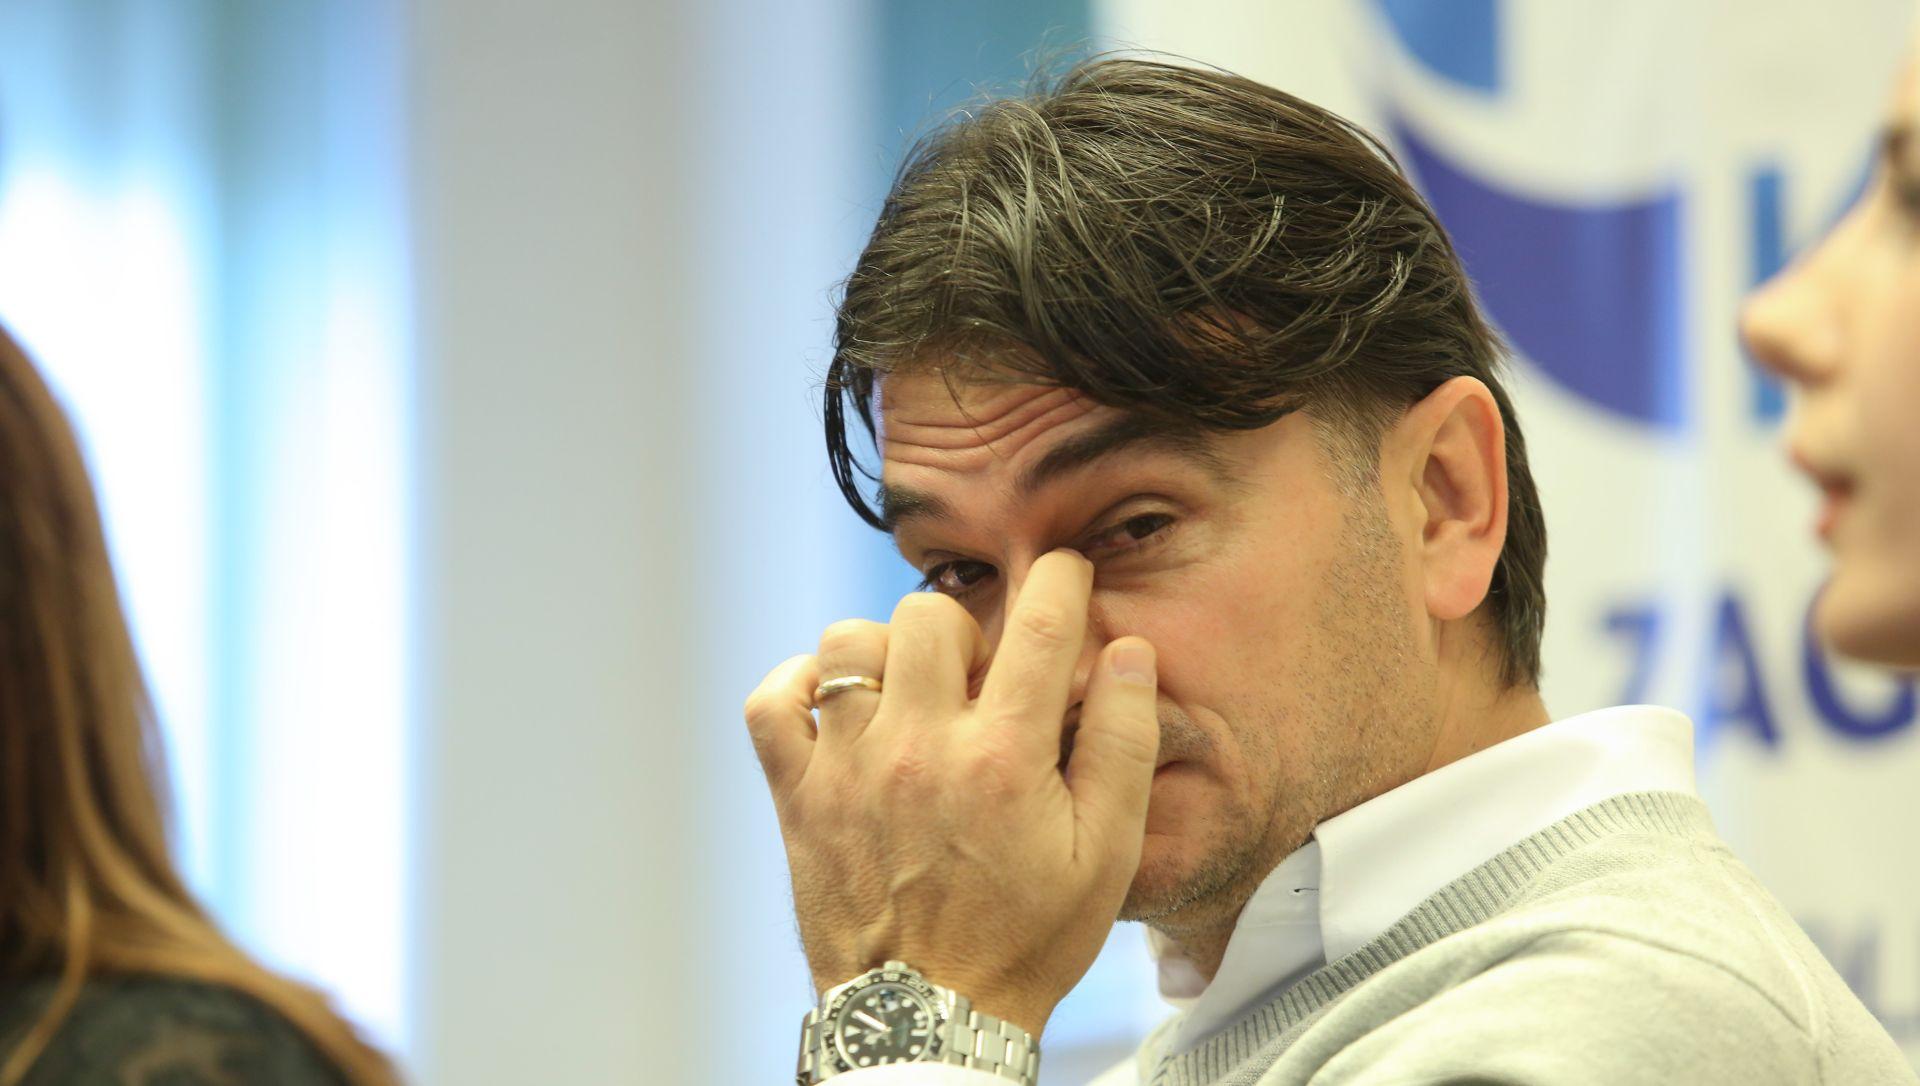 Dalić, tvrdi, odbio više od 8 milijuna eura godišnje